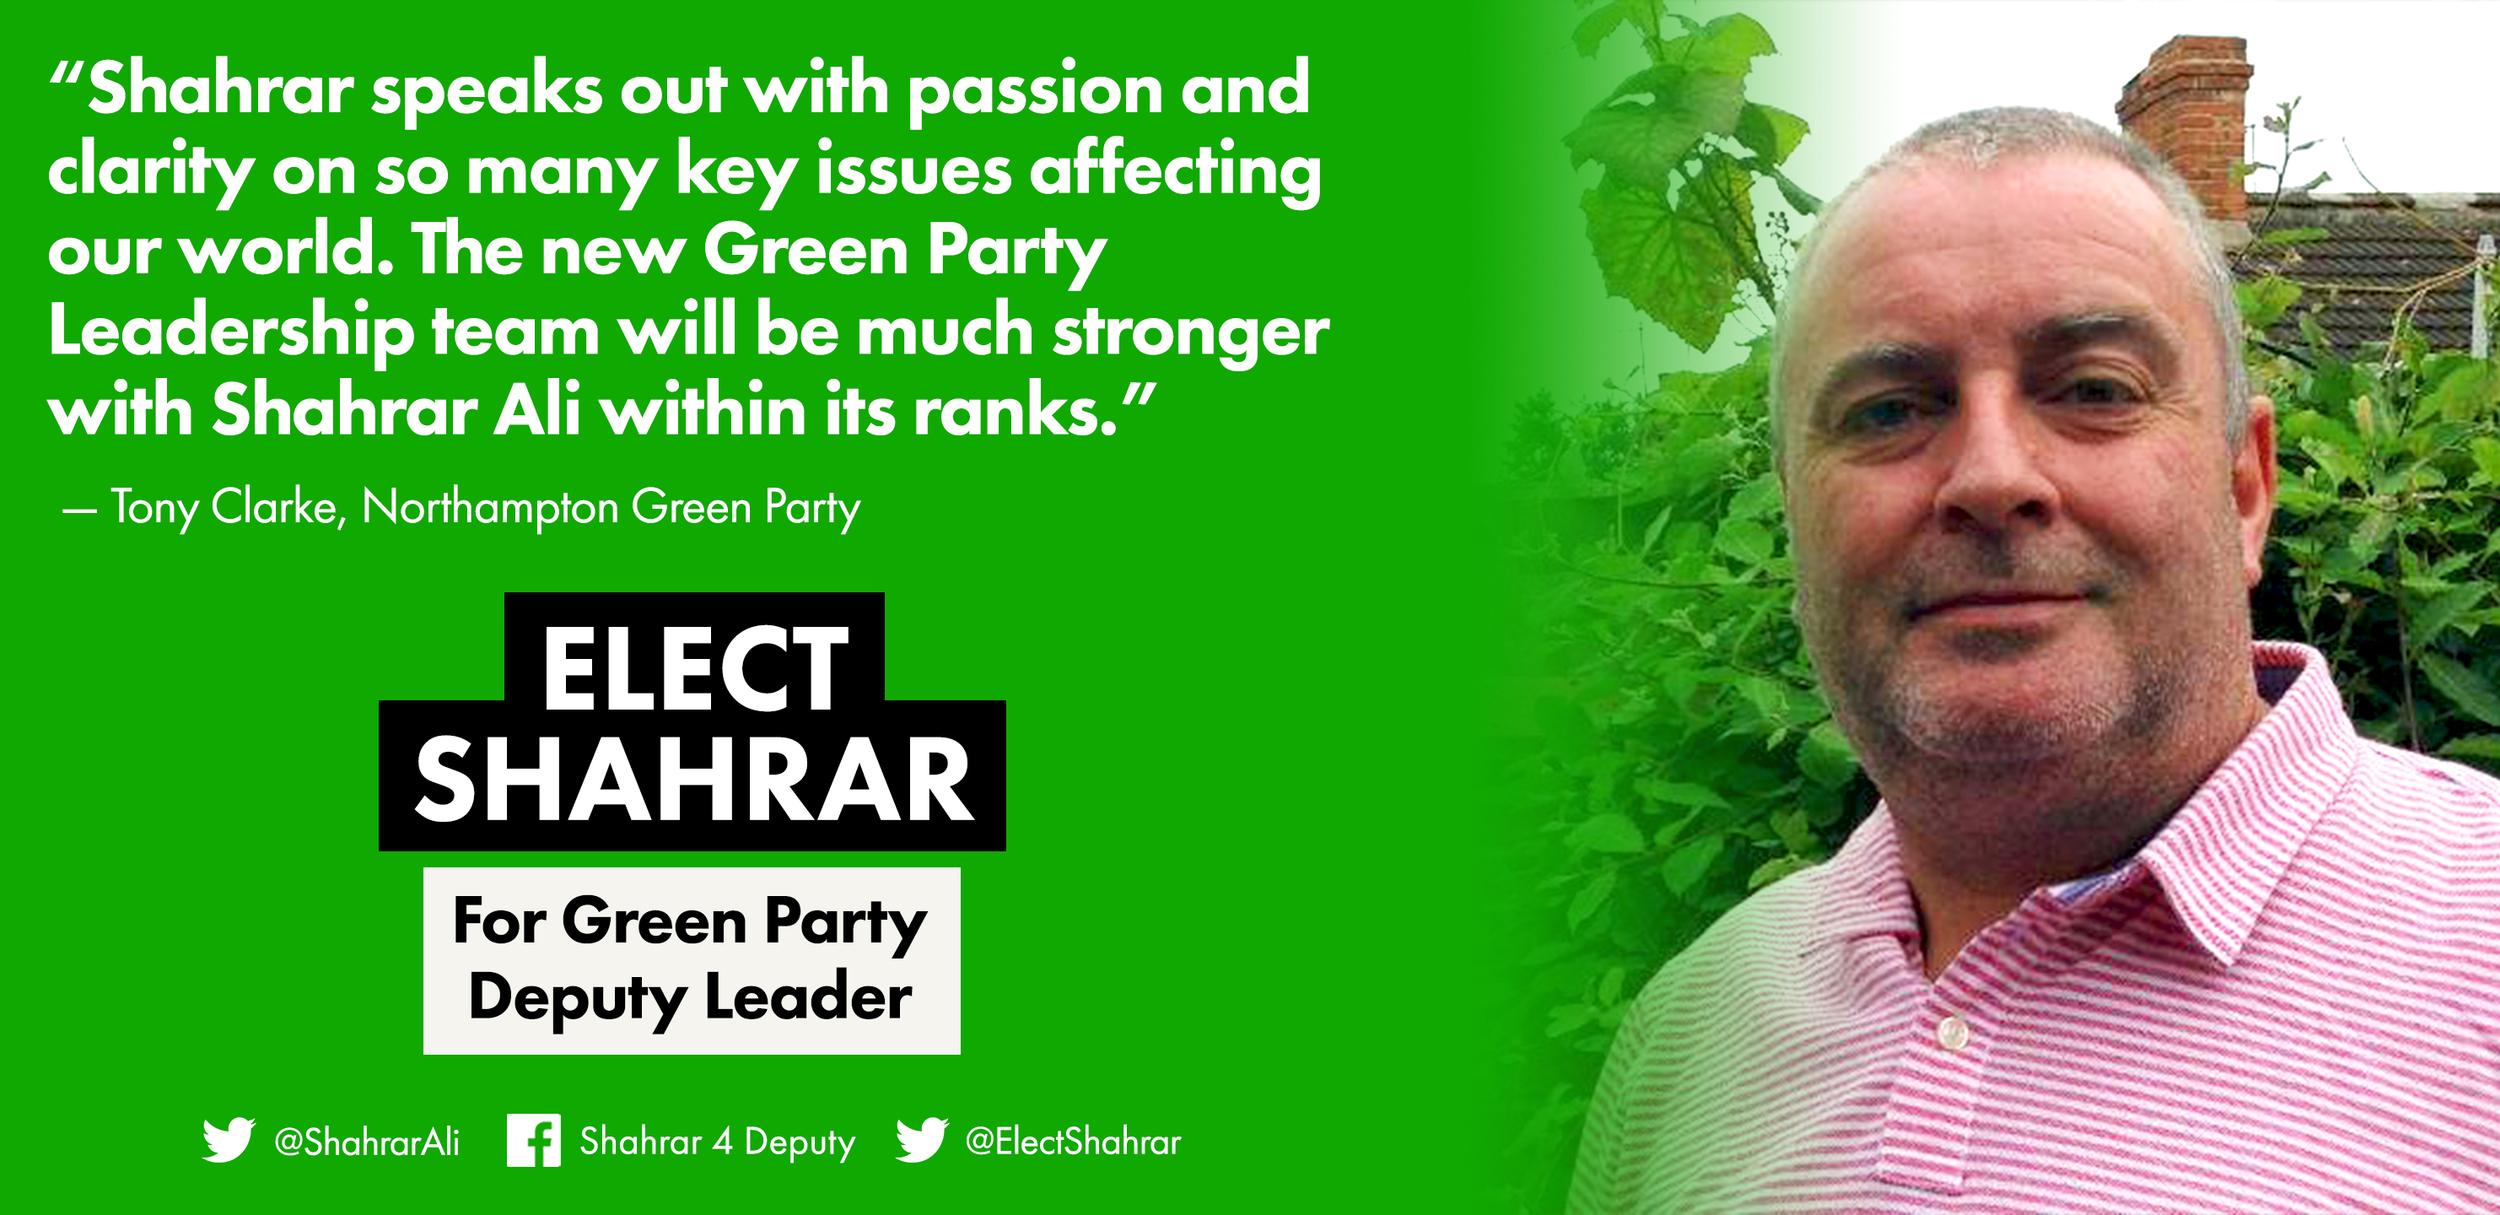 ElectShahrar Tony Clarke Endorsement.jpg